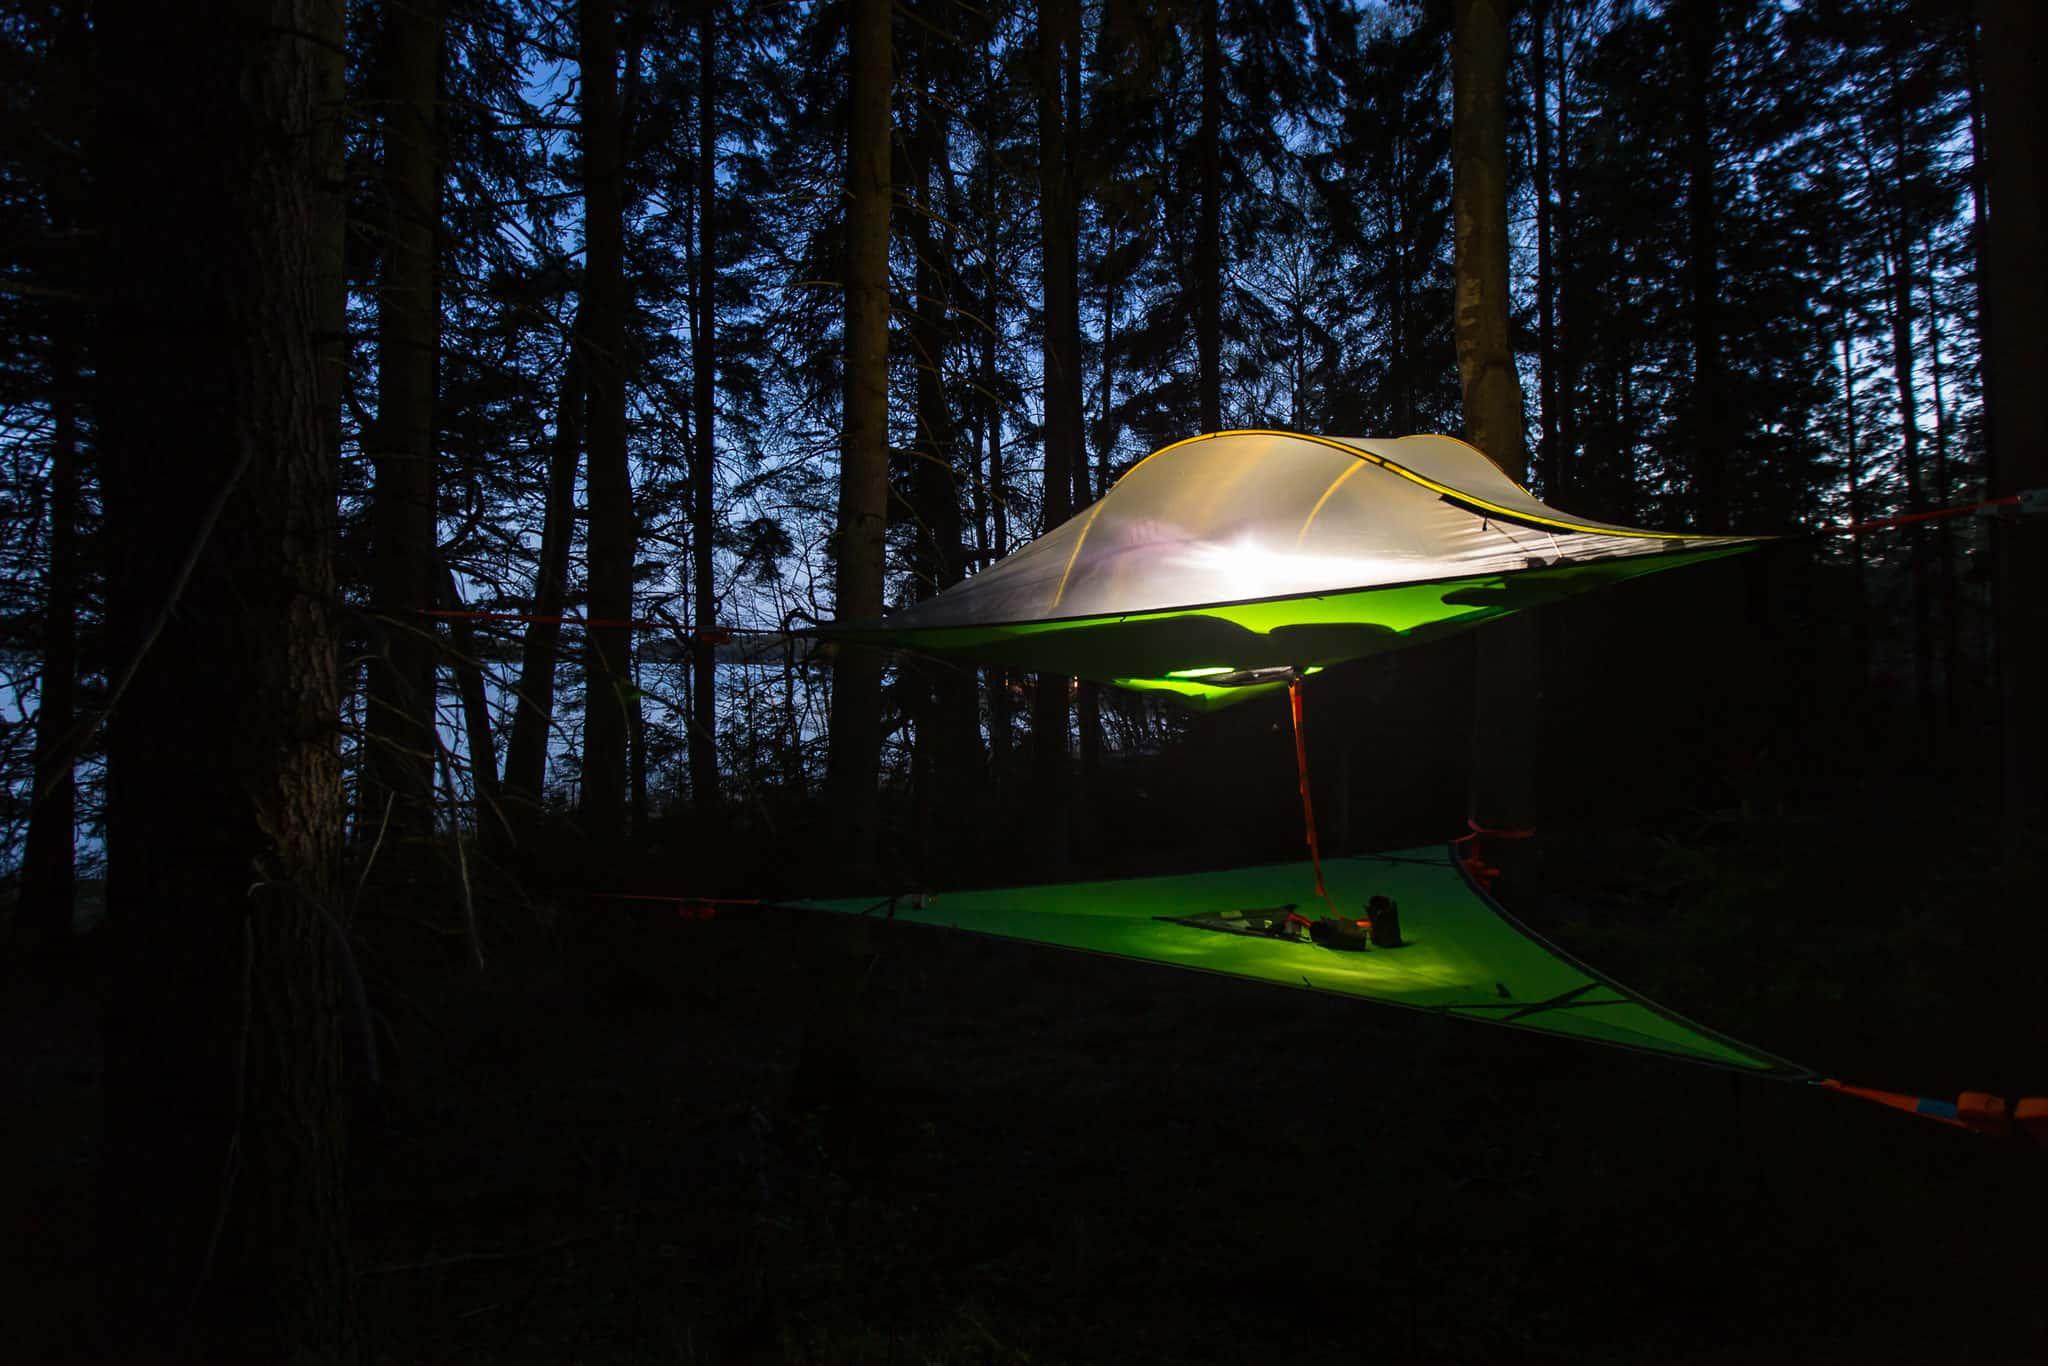 Kuvassa Tentsile-teltta ja alakerros puuhun kiinnitettyinä.